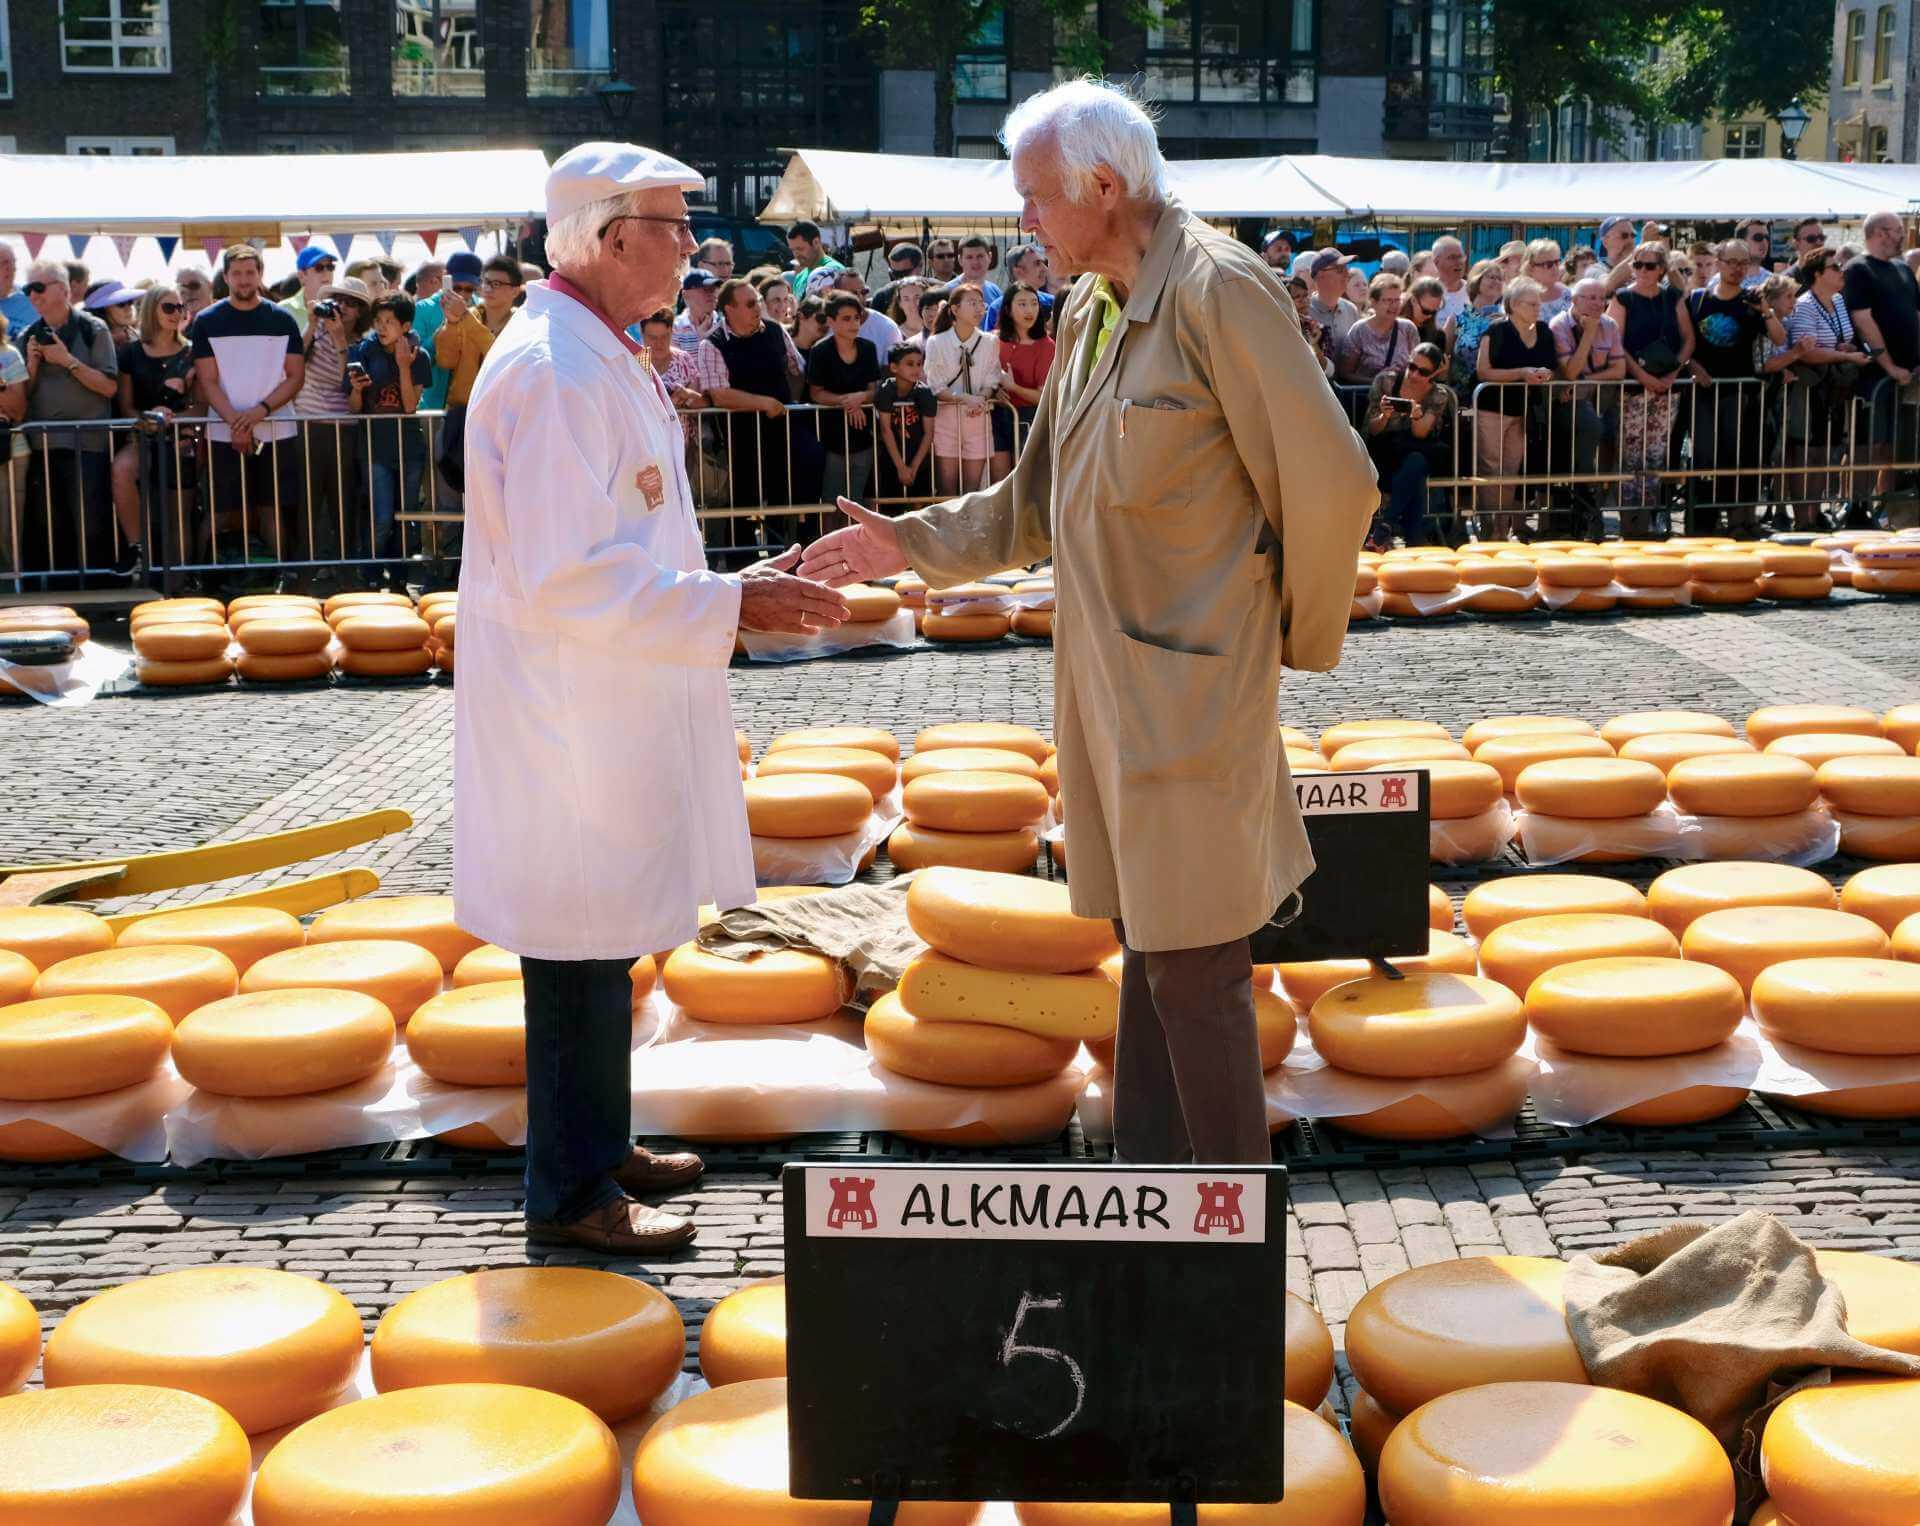 Prijsonderhandeling-Kaasmarkt-Alkmaar